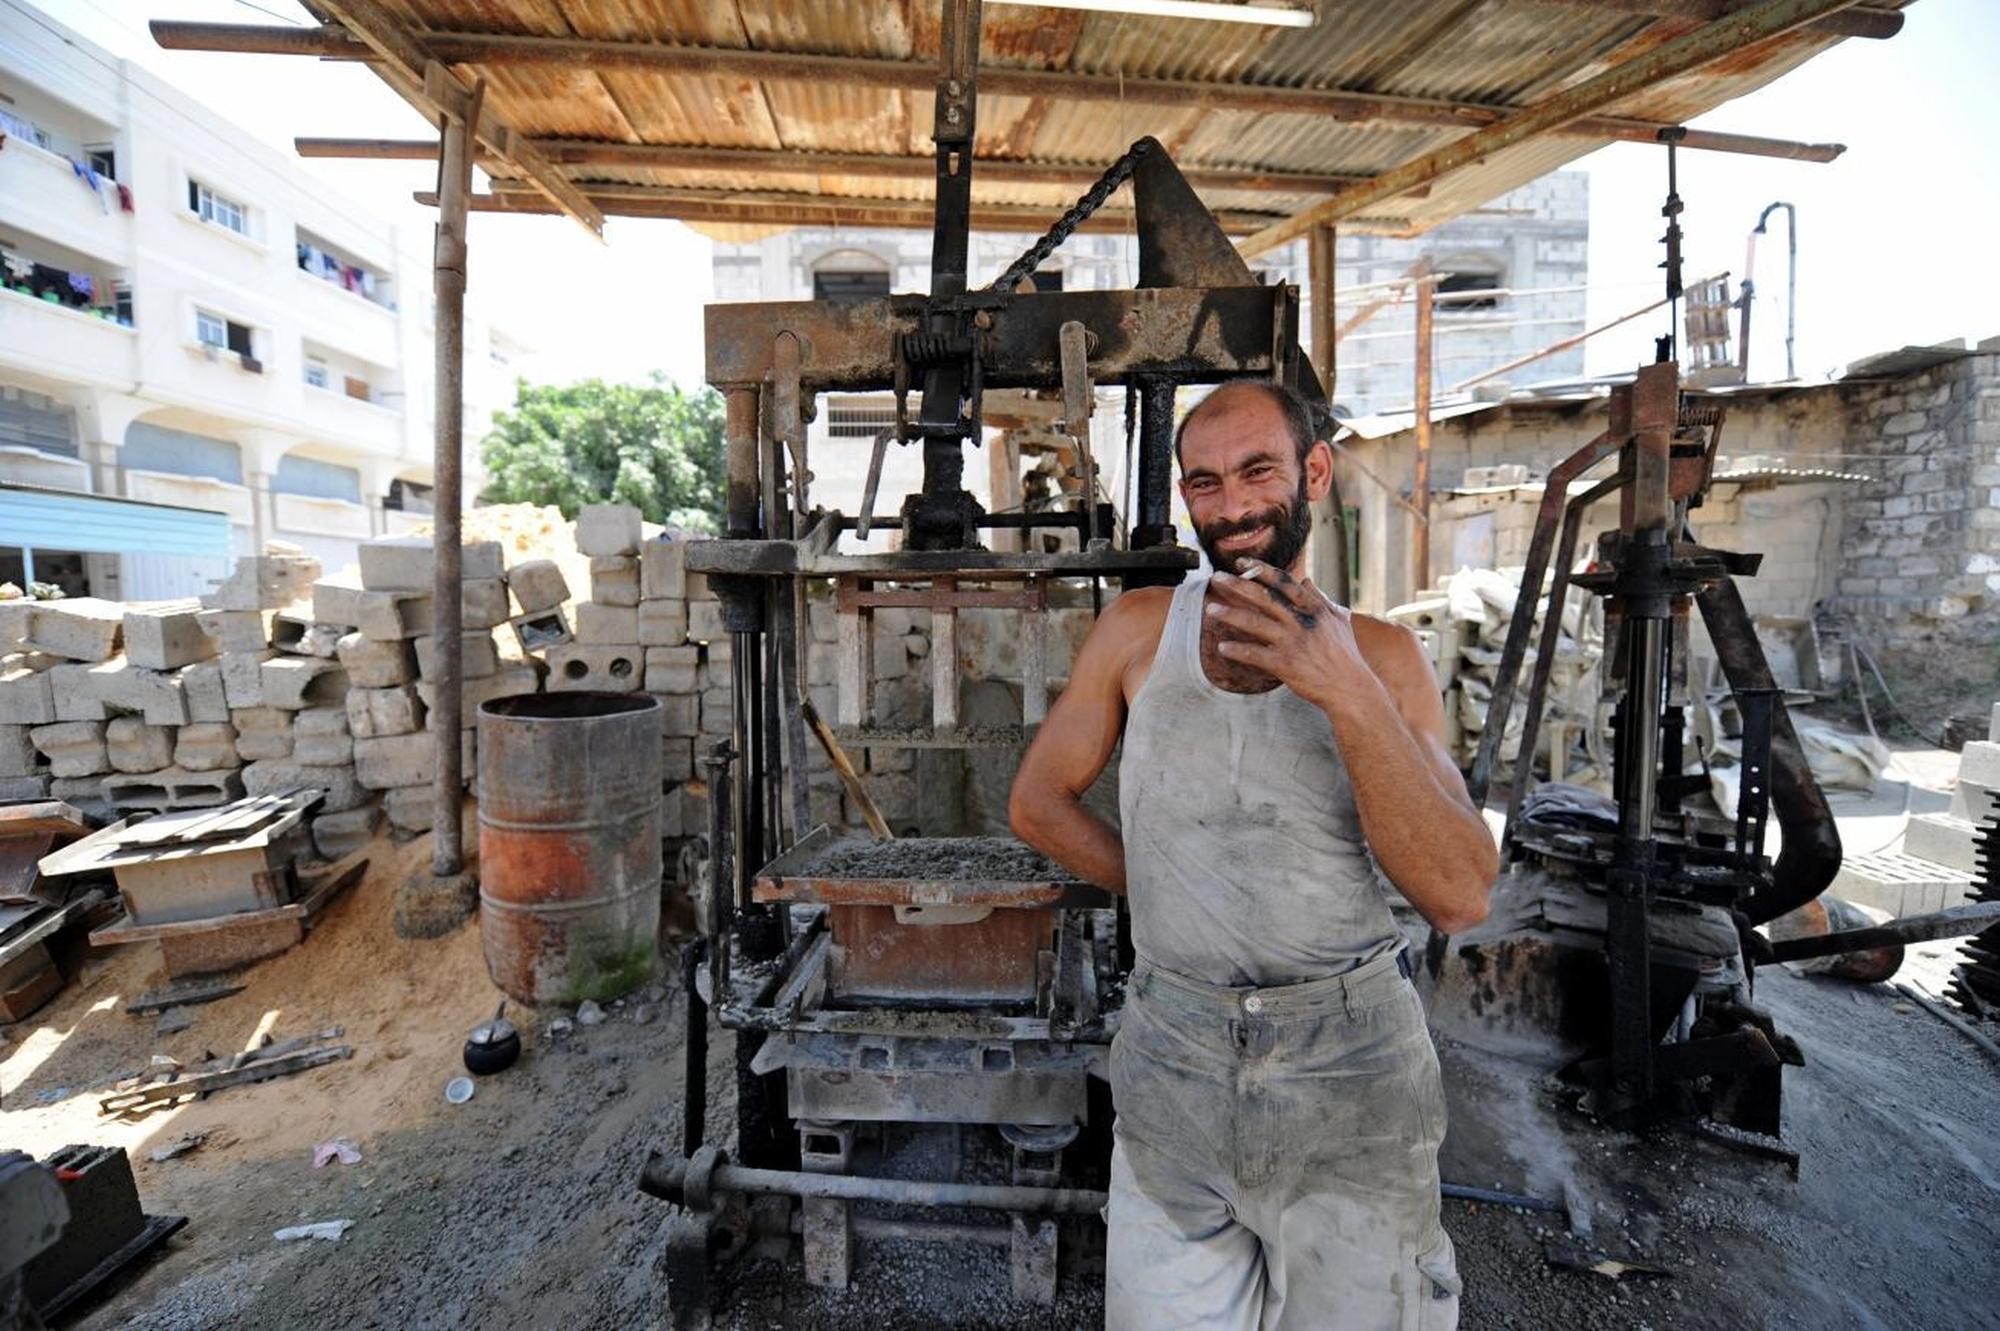 כל אחד מהגורמים המעורבים בפרויקט דורש אישור ישראלי. צילום: קארל שמברי